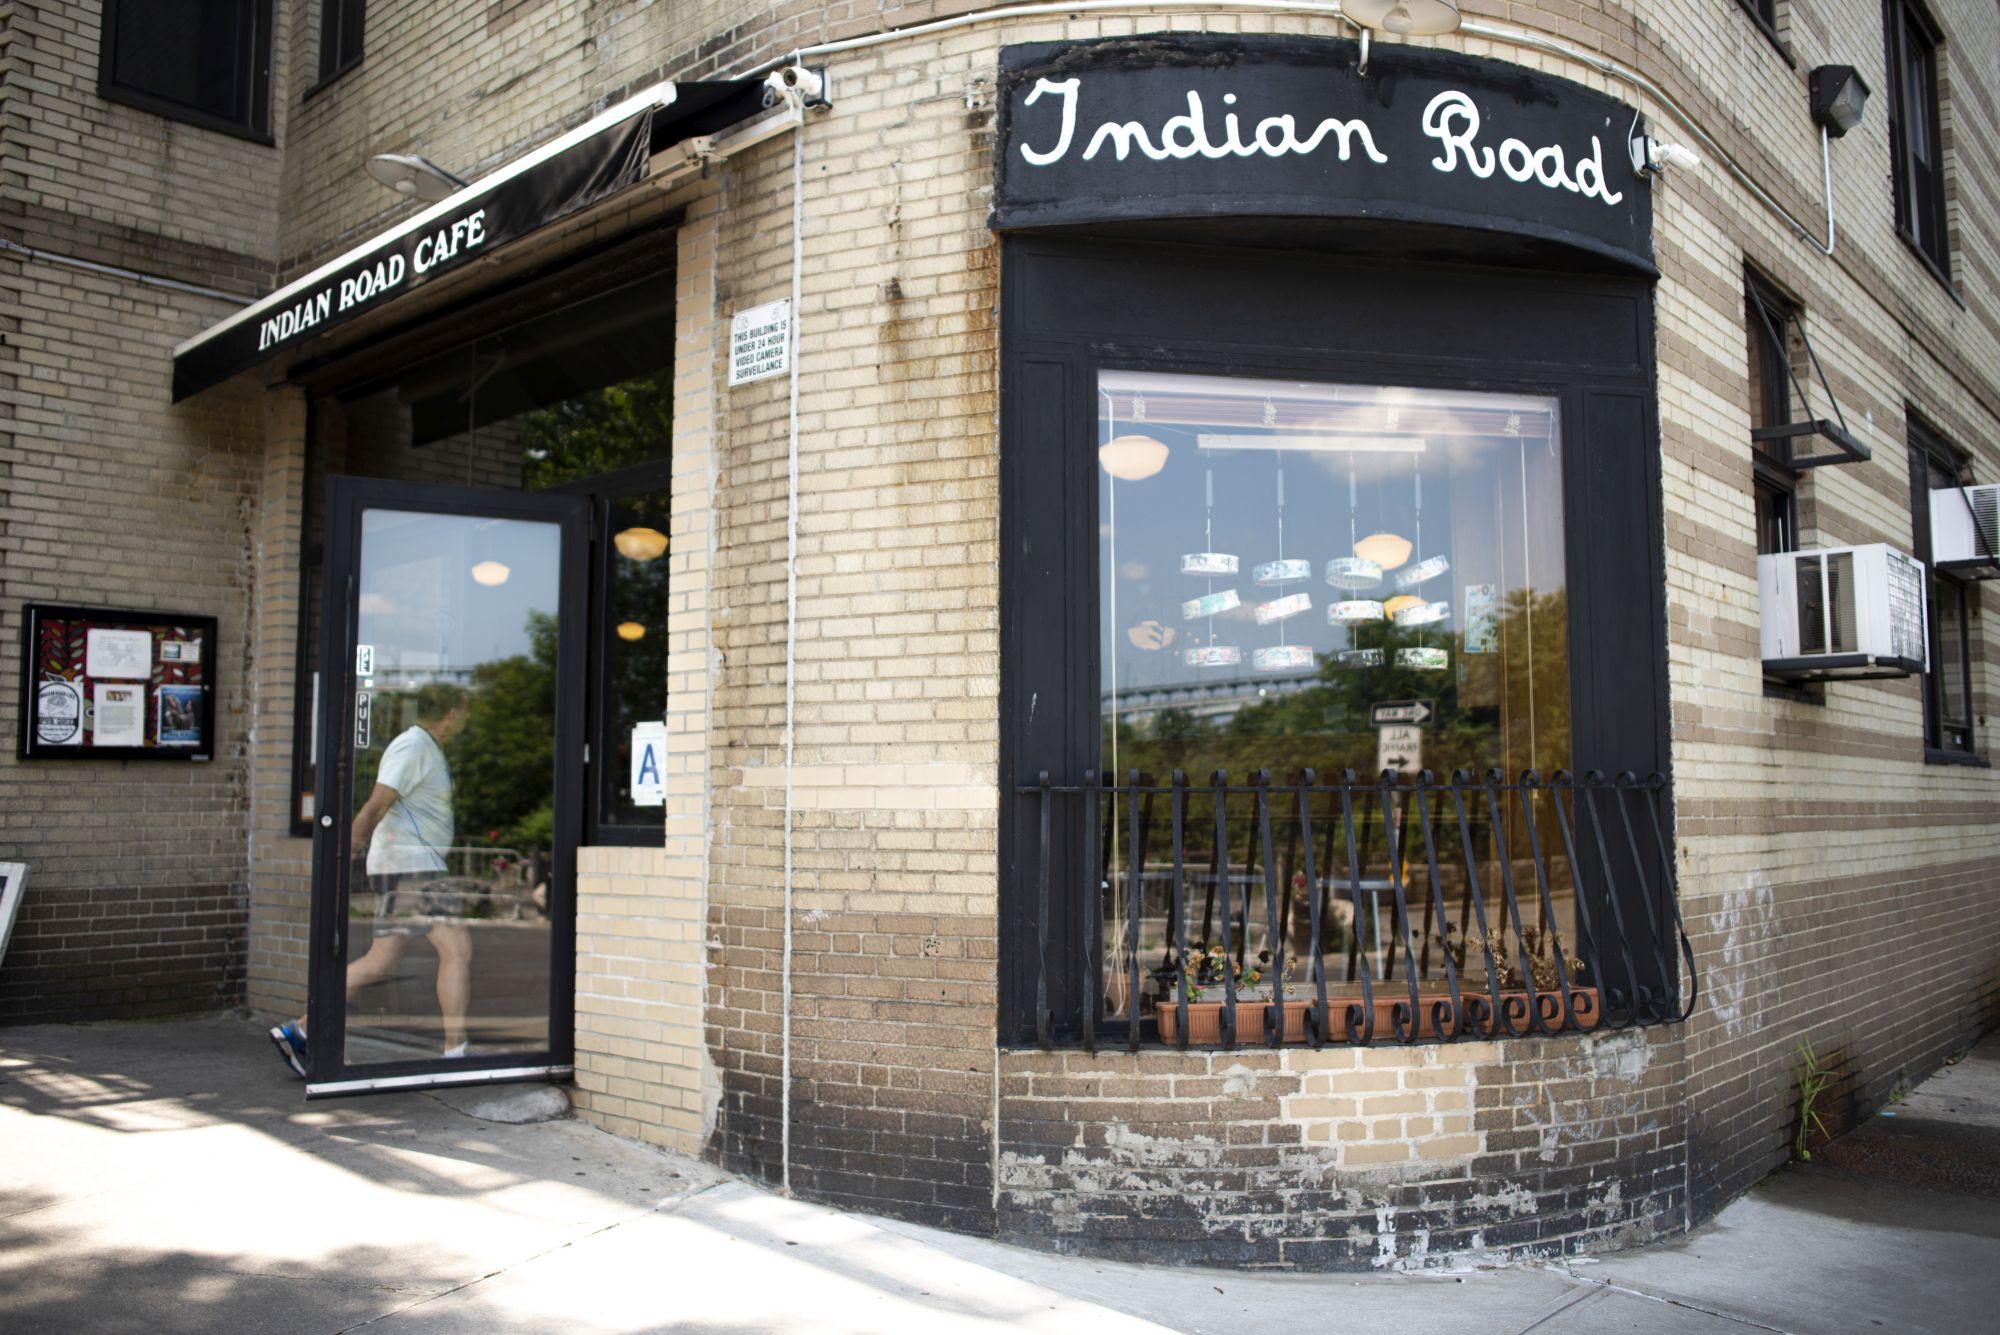 Slide 2 - Indian Road Cafe